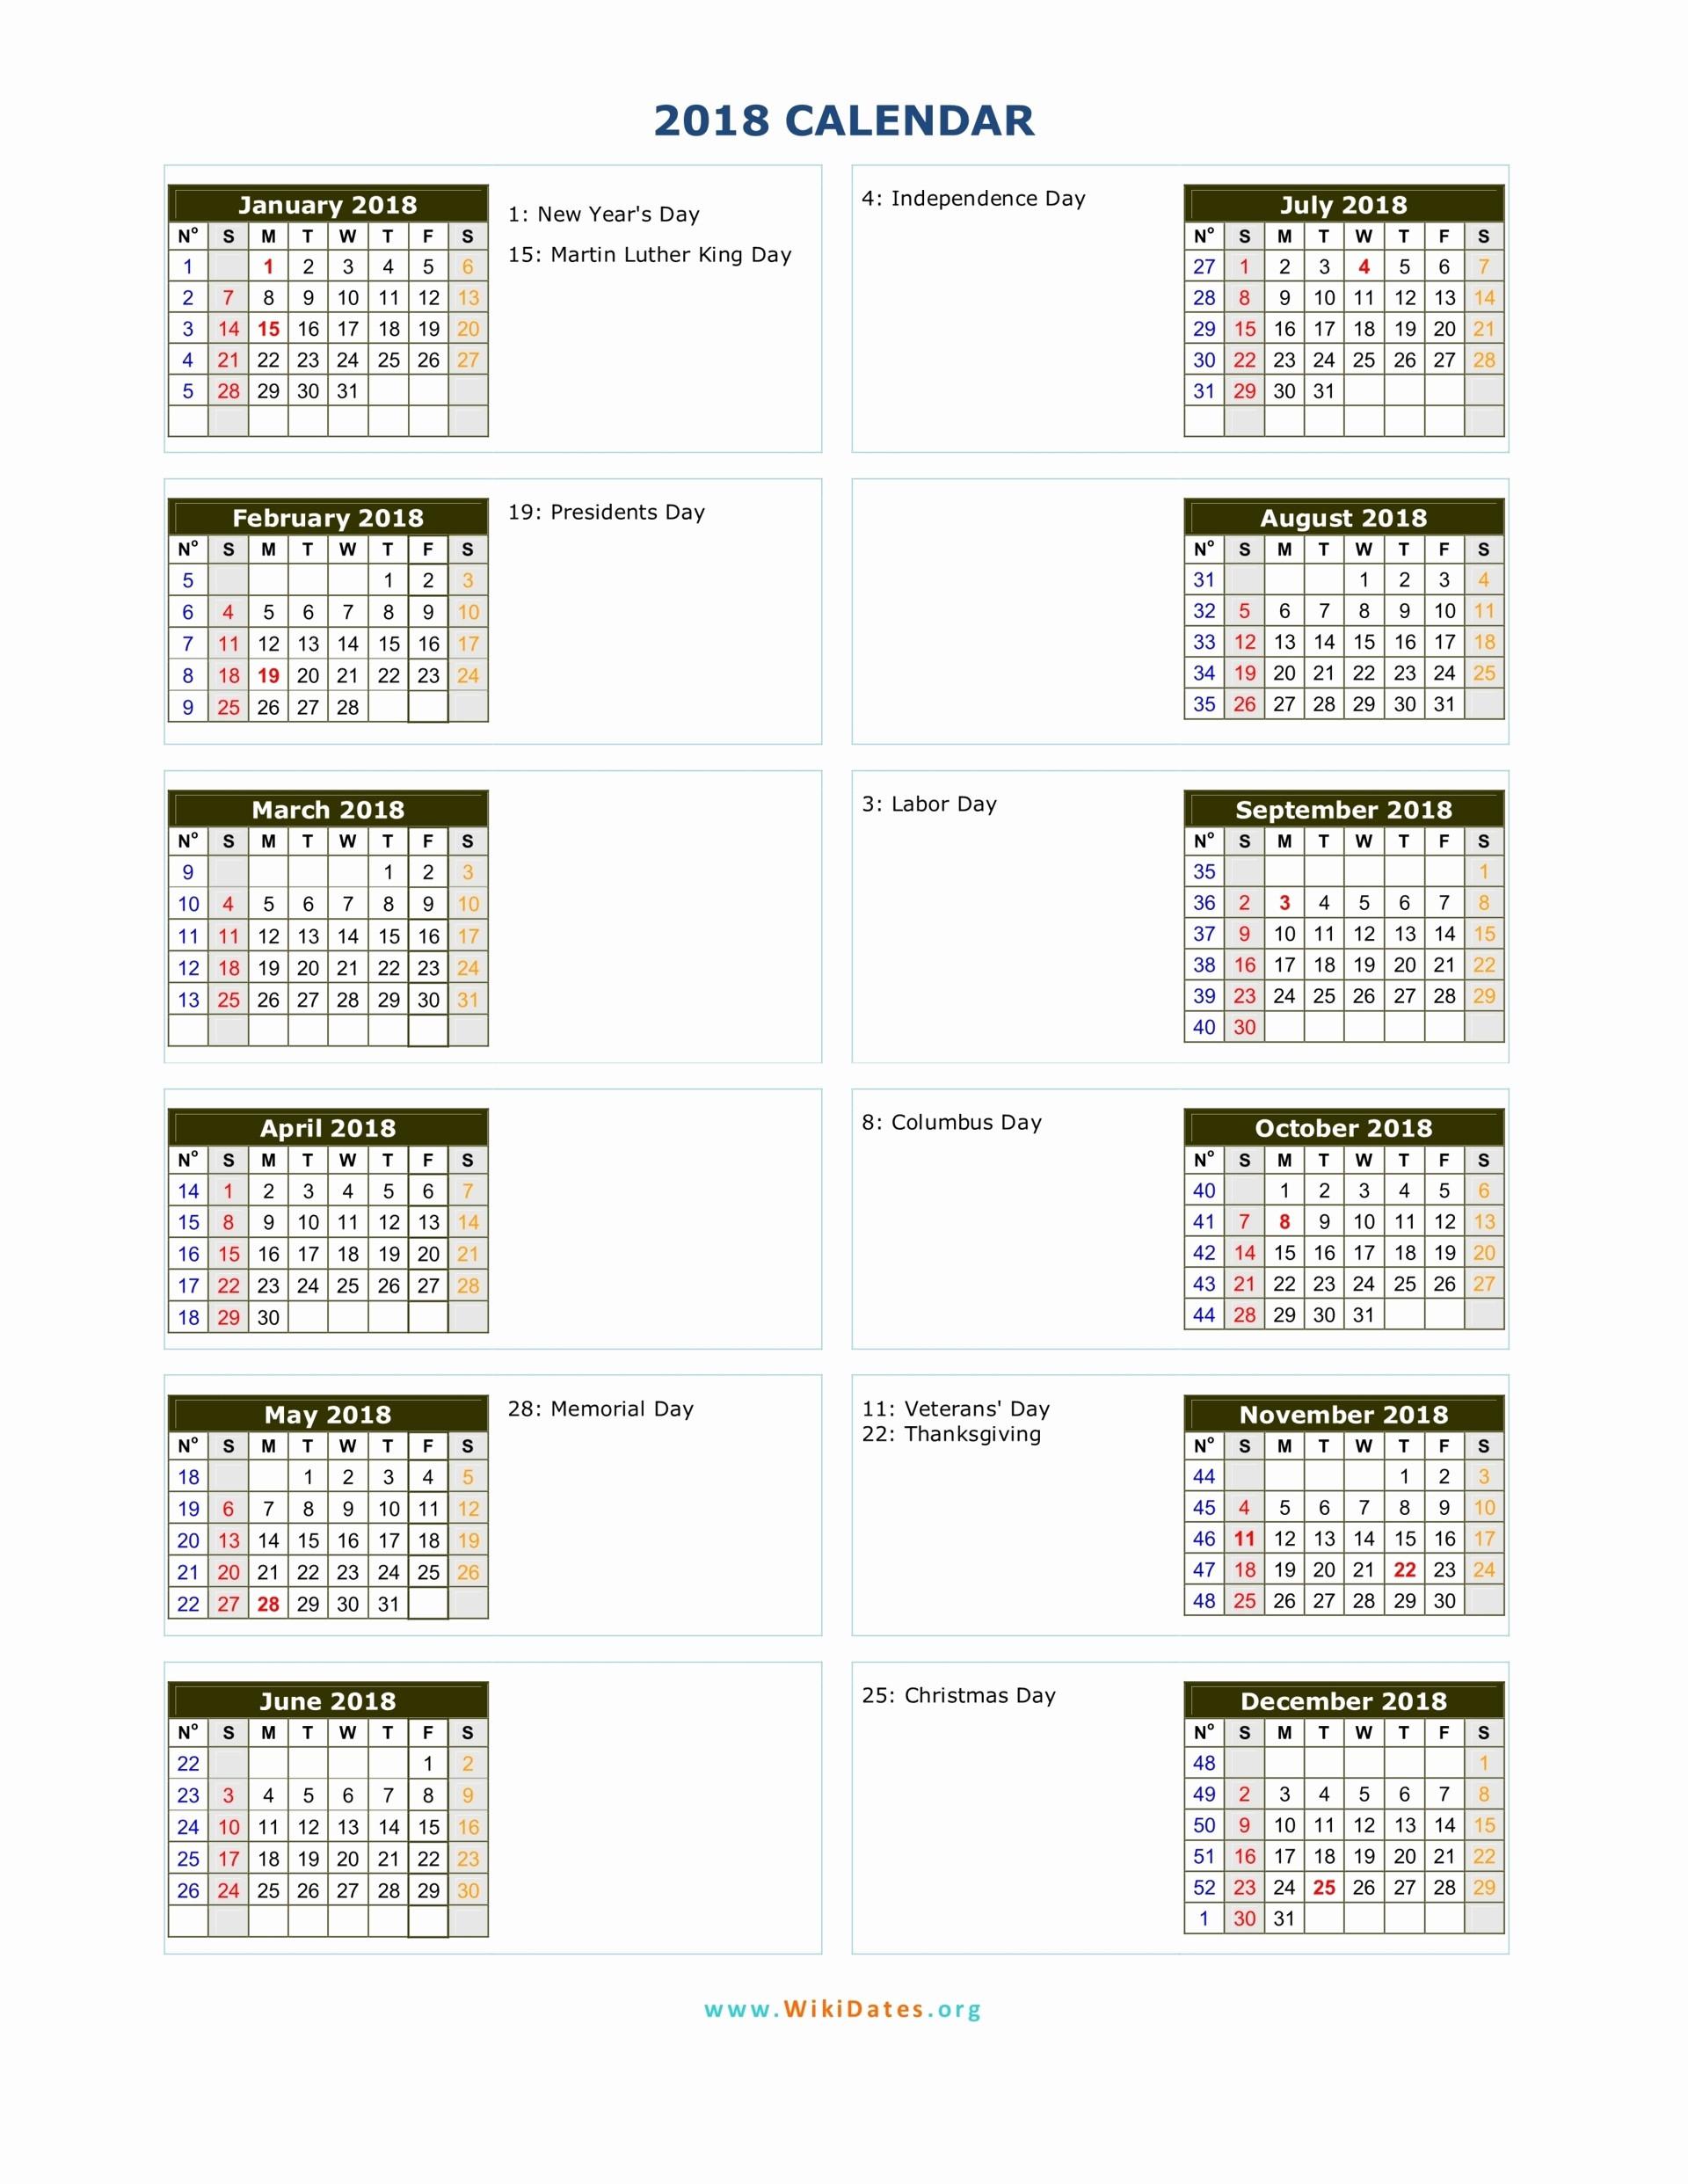 2018 Year Calendar One Page Fresh 2018 Calendar